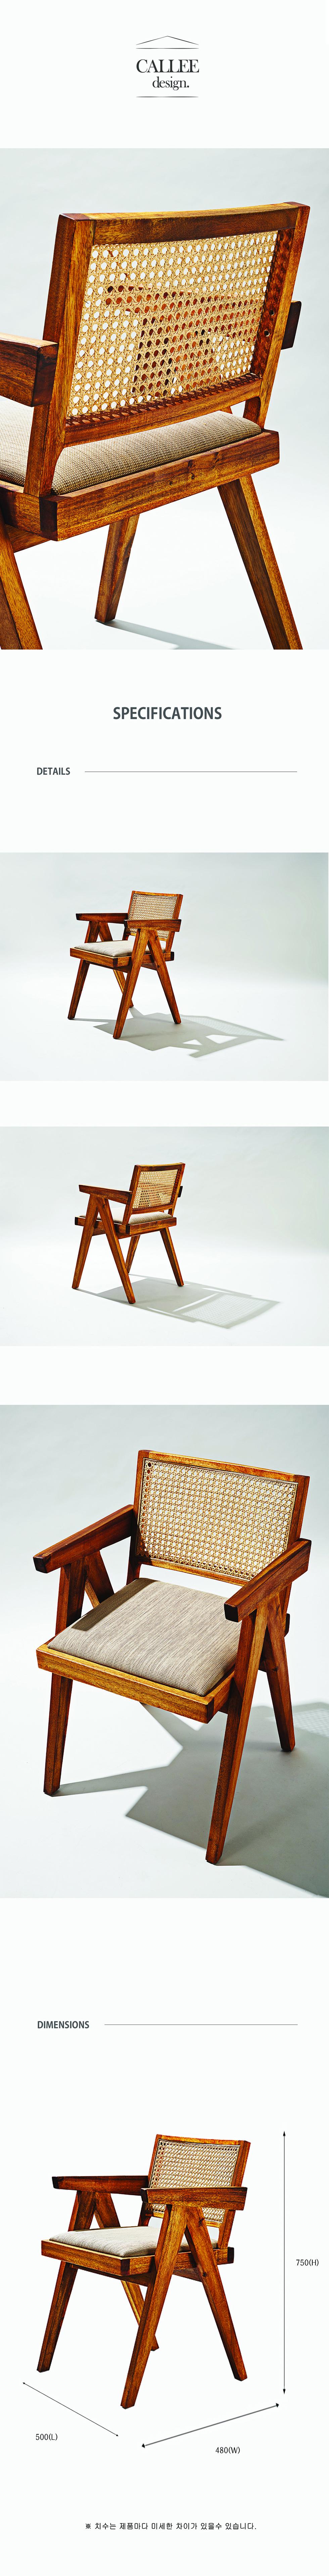 라탄 암체어 - 캘리디자인, 330,000원, 디자인 의자, 라탄의자